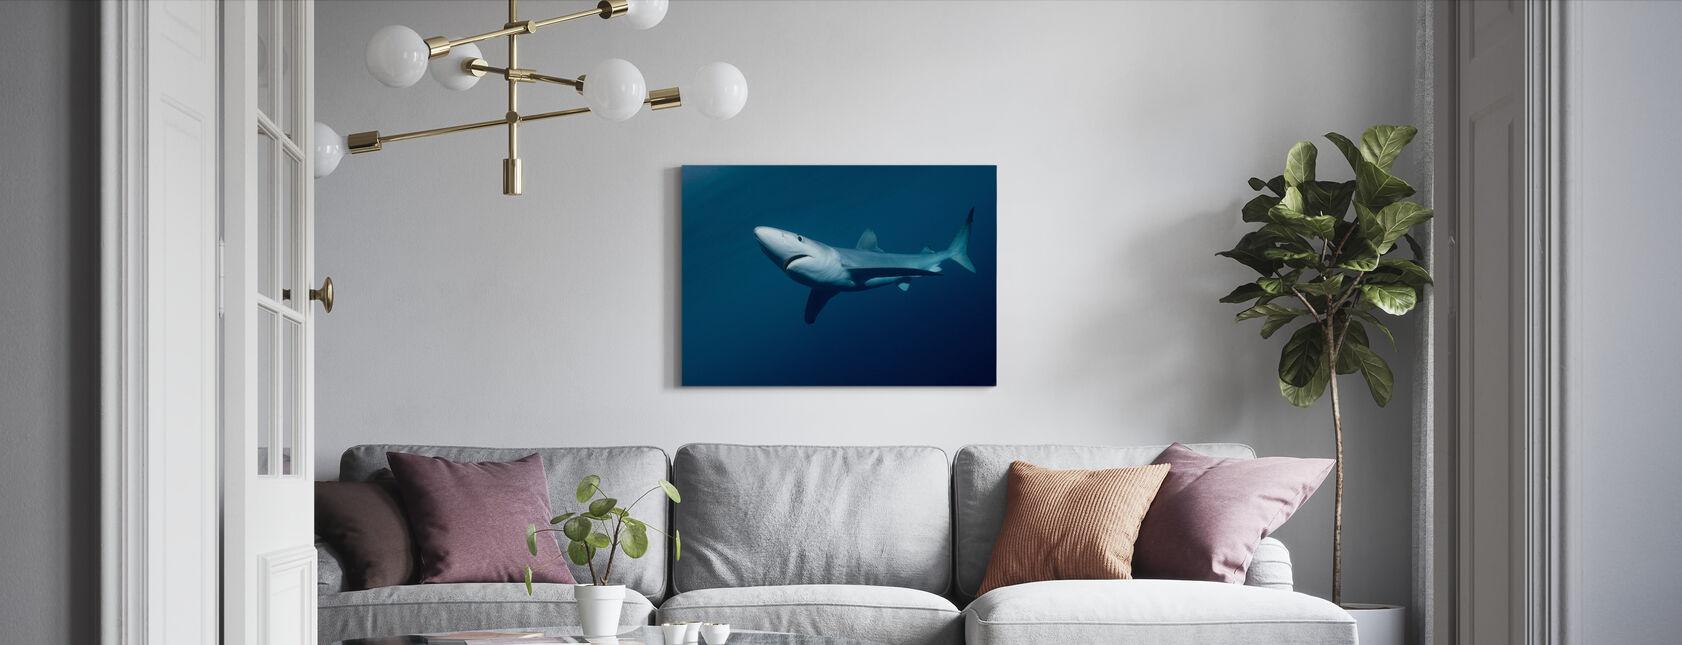 Blauer Hai - Leinwandbild - Wohnzimmer